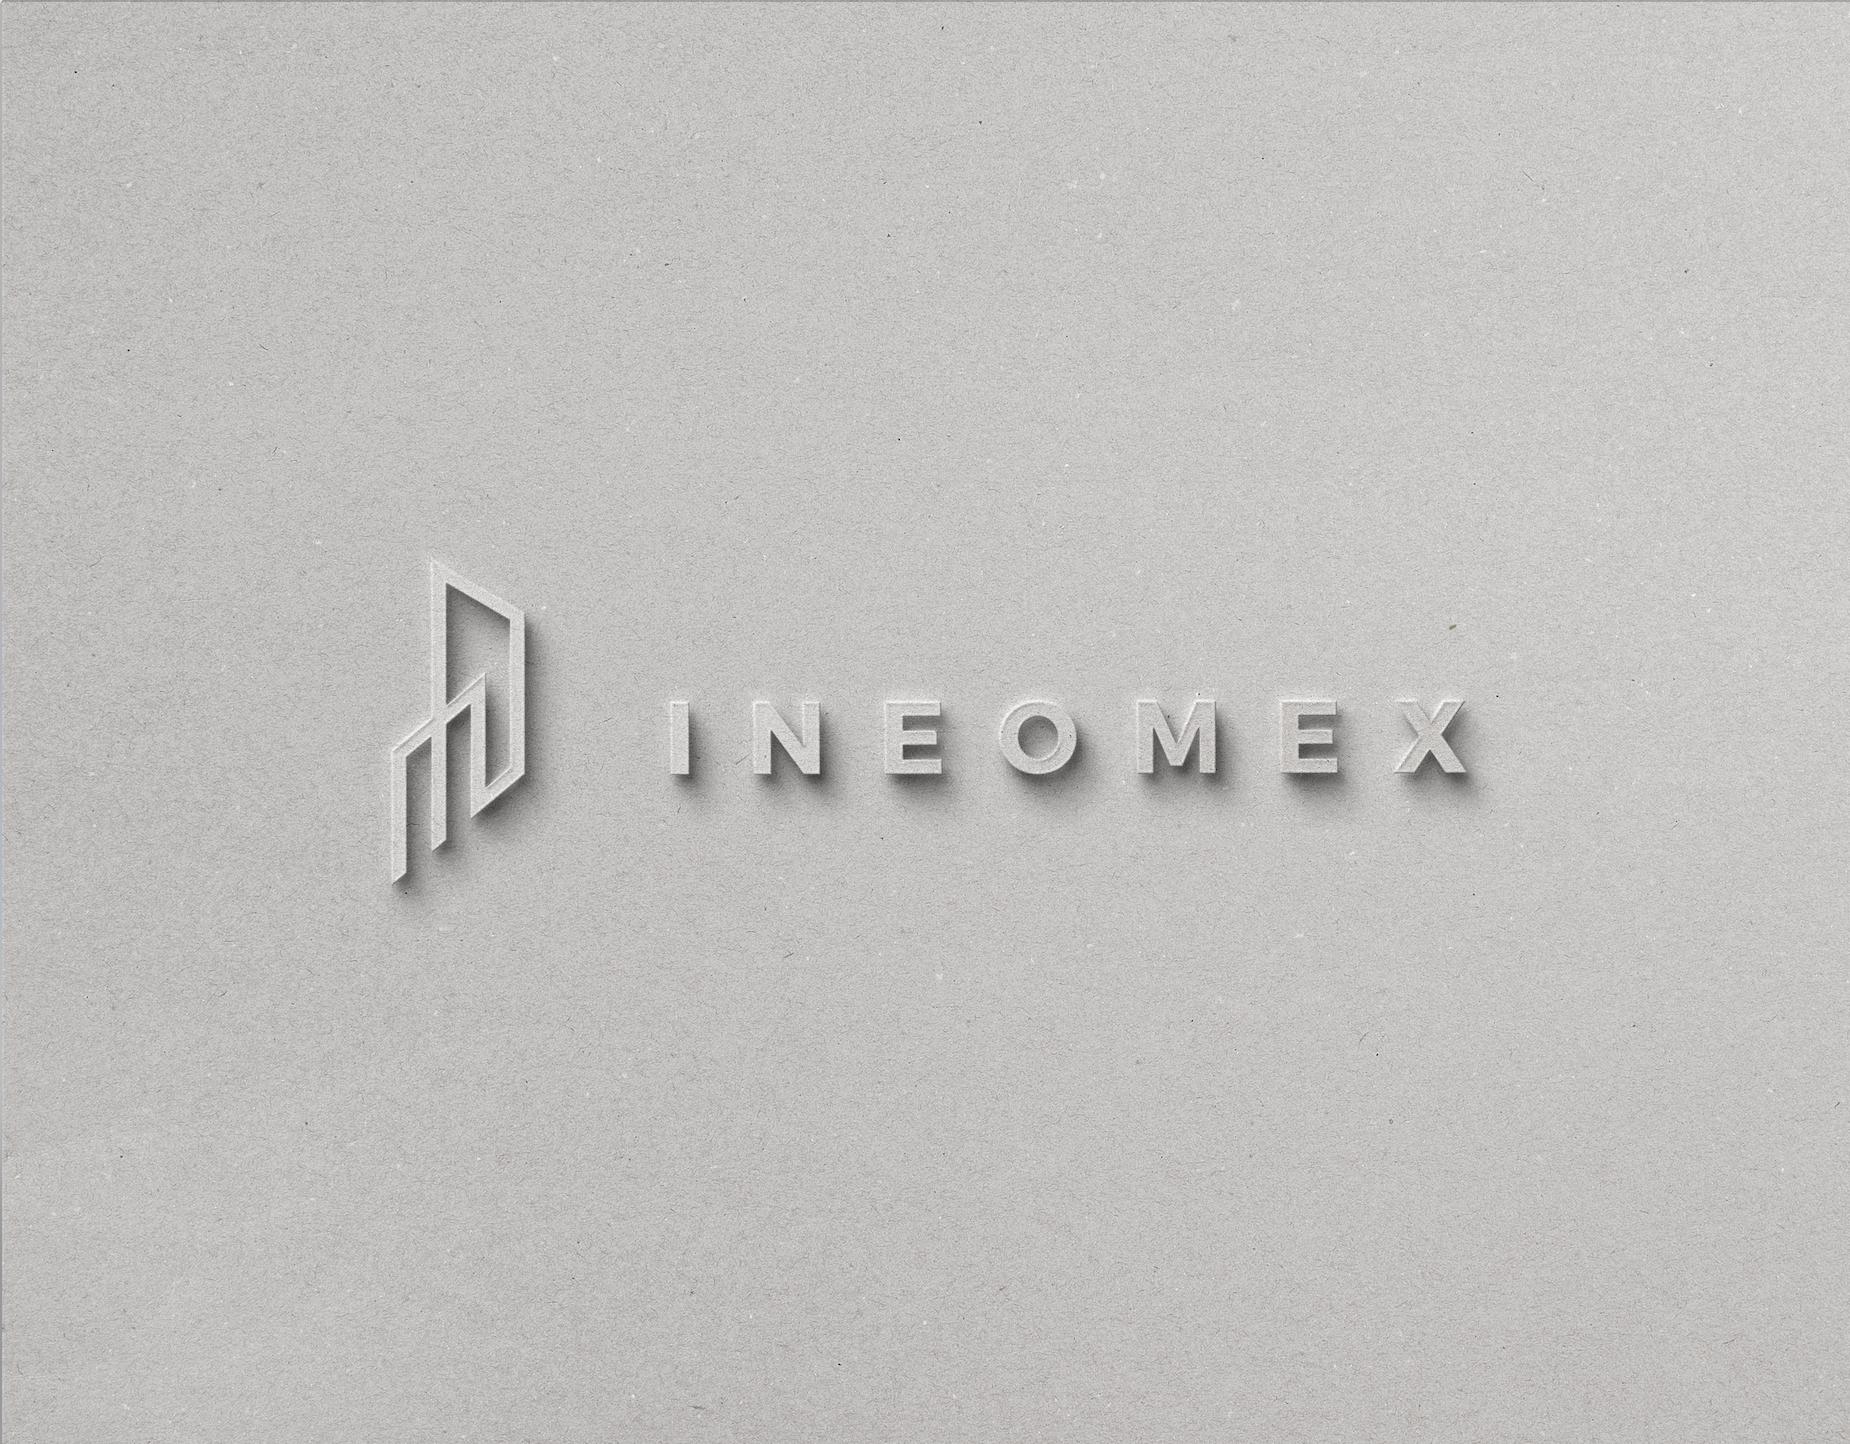 INEOMEX diseño de logotipo corporativo.png